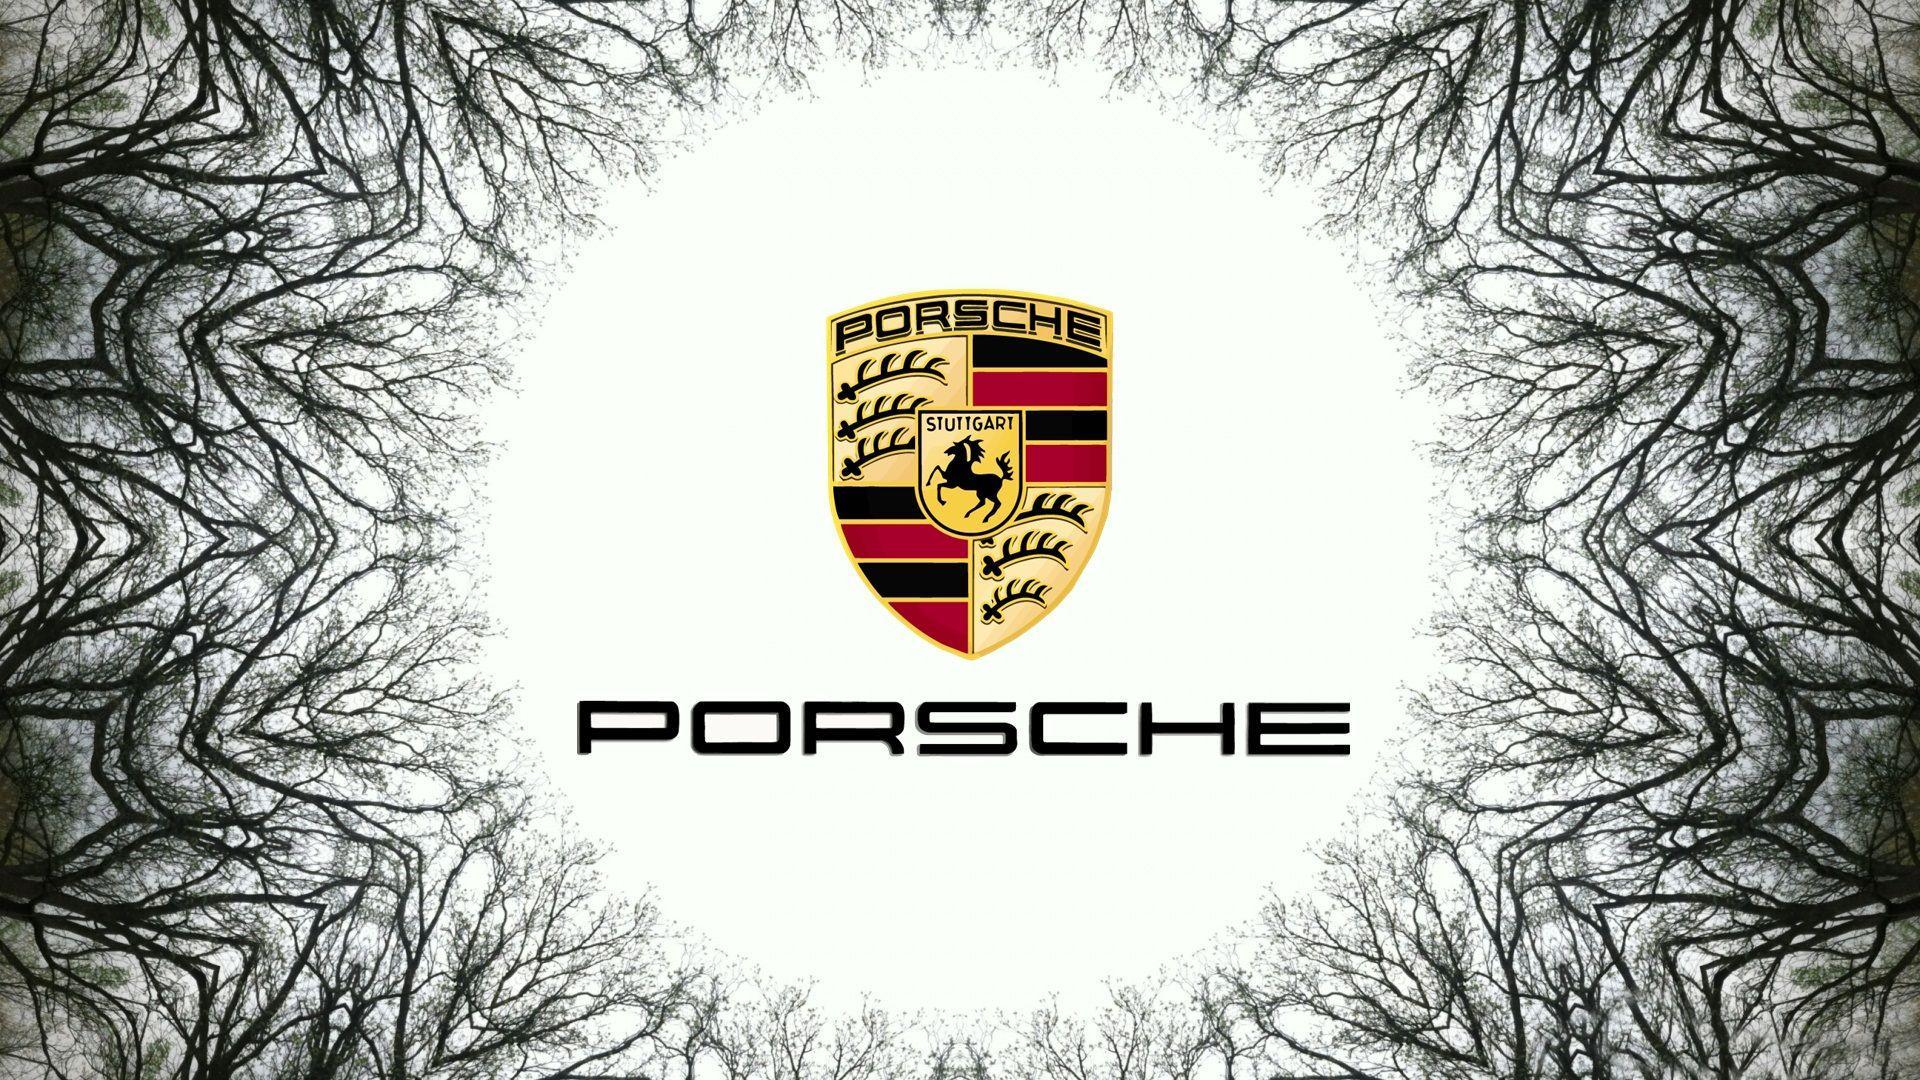 1920x1080 Porsche Wallpaper HD Download